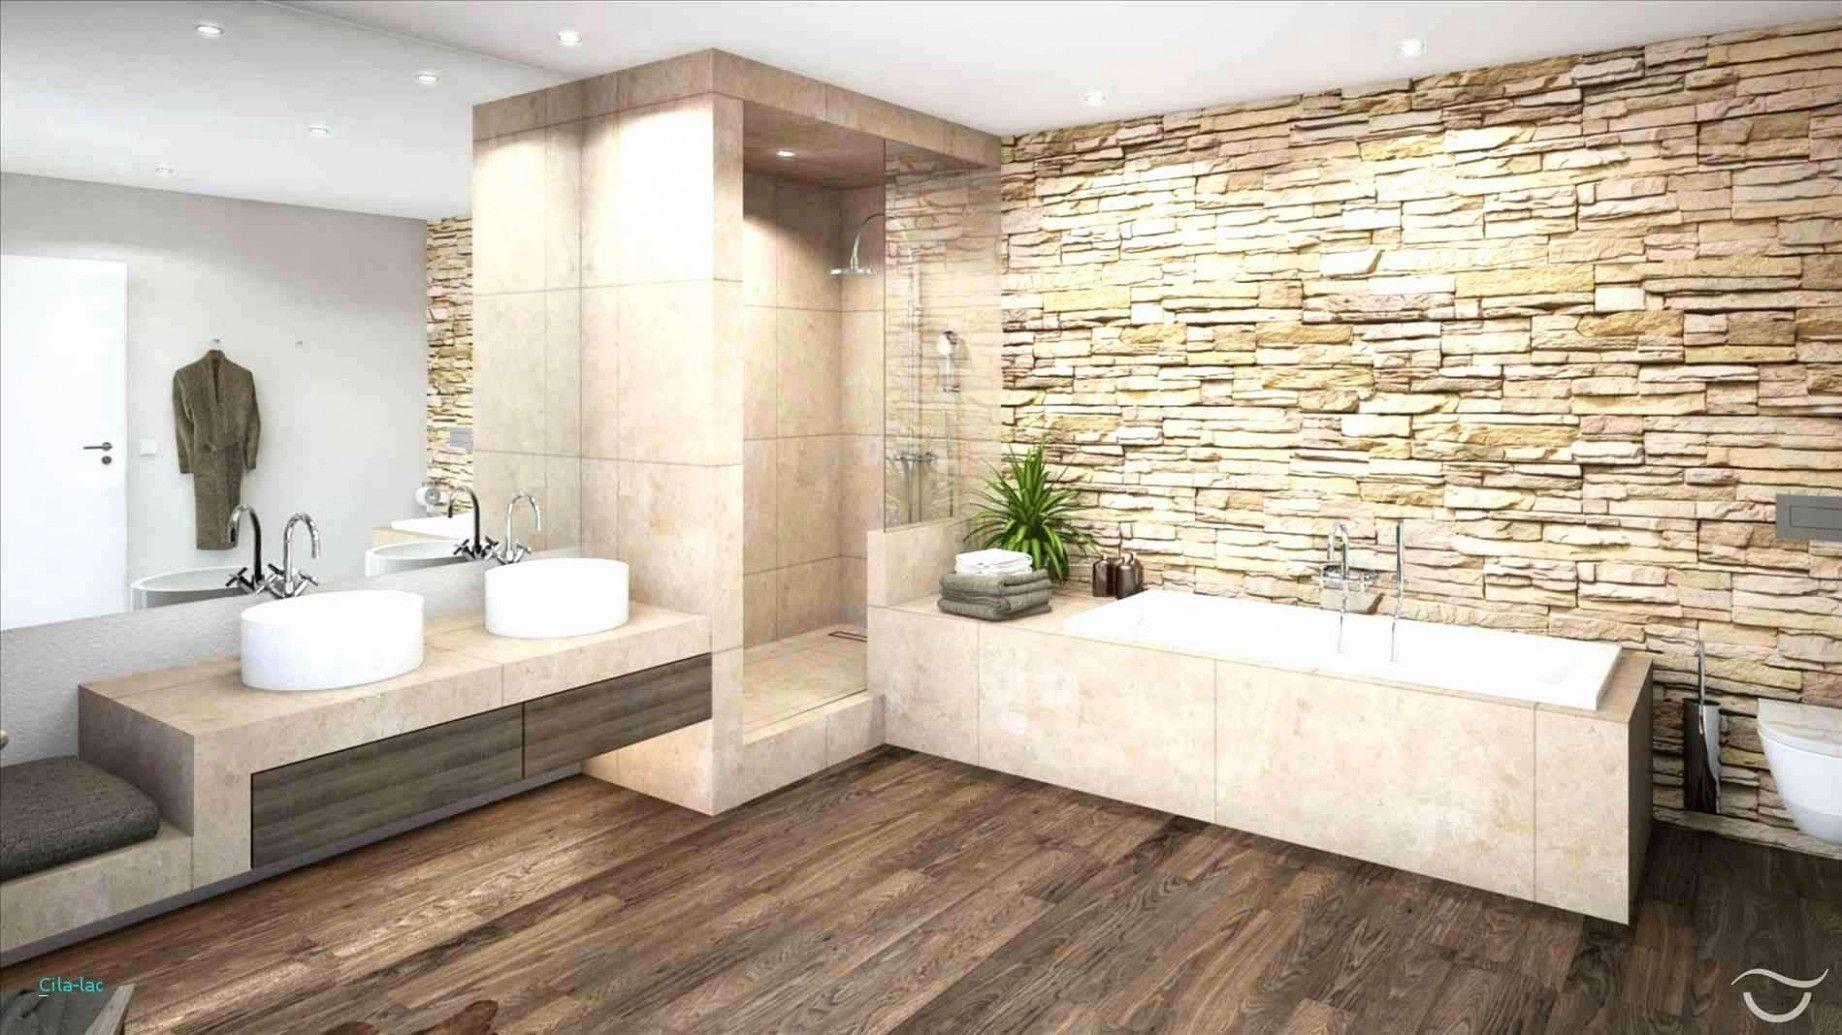 13 Fliesen Arbeits Ideen Arbeits Fliesen Fliesenwohnzimmer Ideen In 2020 Badezimmer Innenausstattung Bad Inspiration Badezimmer Beispiele